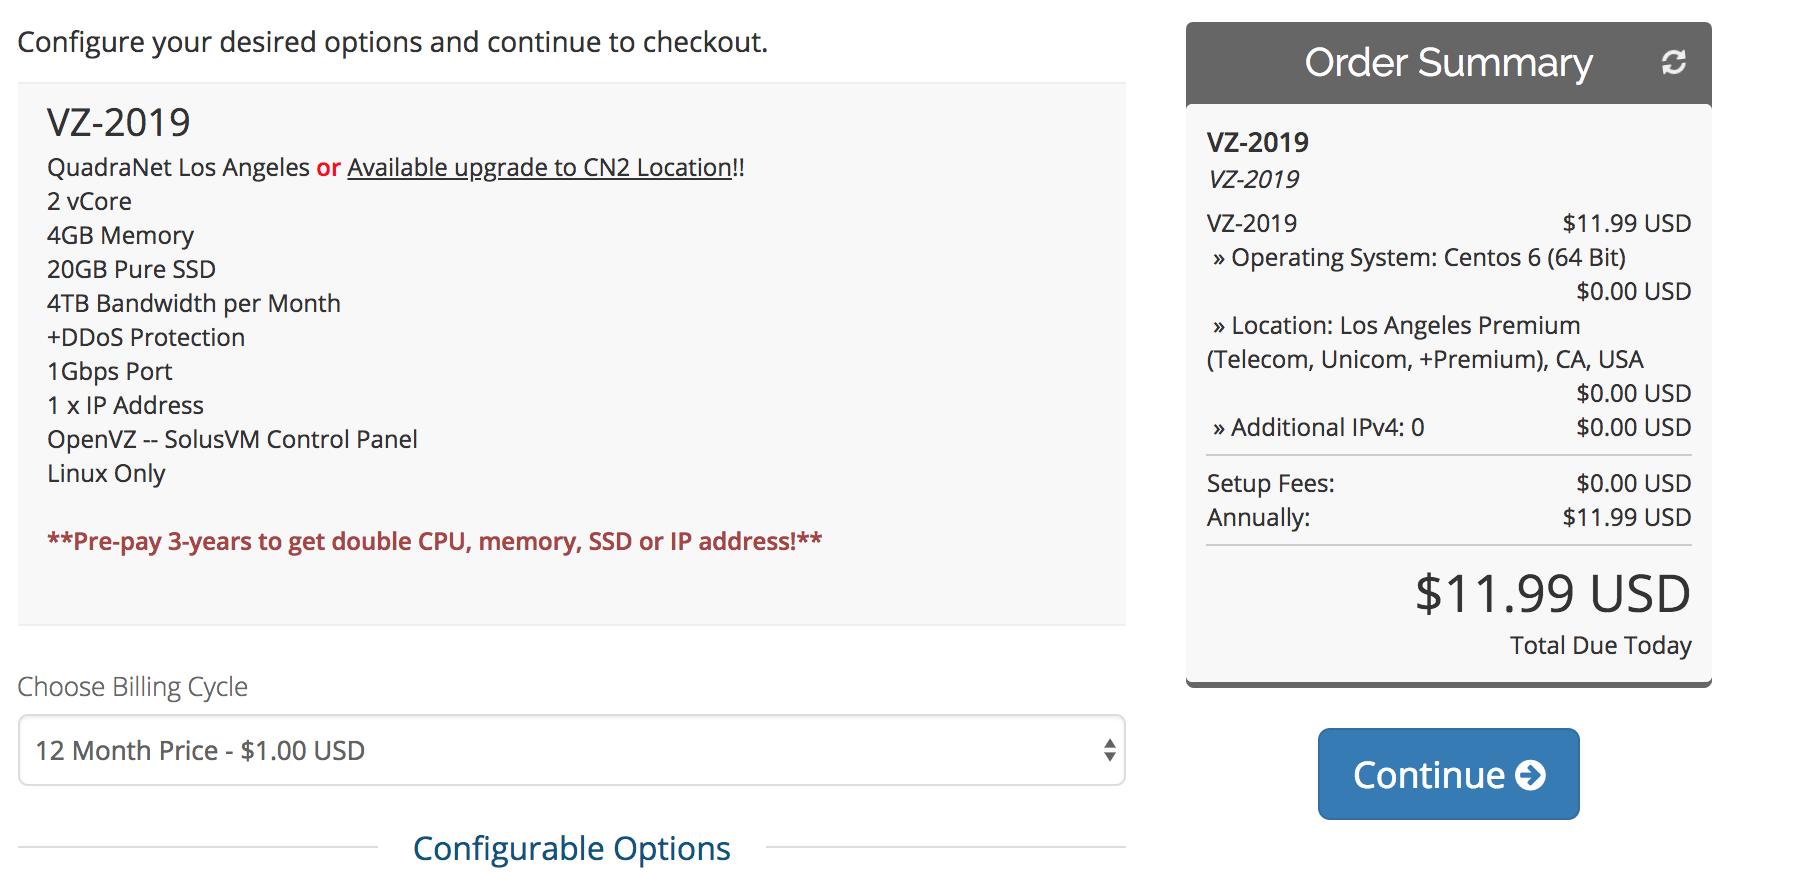 便宜VPS #HiFormance便宜VPS OpenVZ 虚拟化- 亚洲优化 洛杉矶 QuadraNet机房-4GB内存-20GB SSD 年付11.99美元